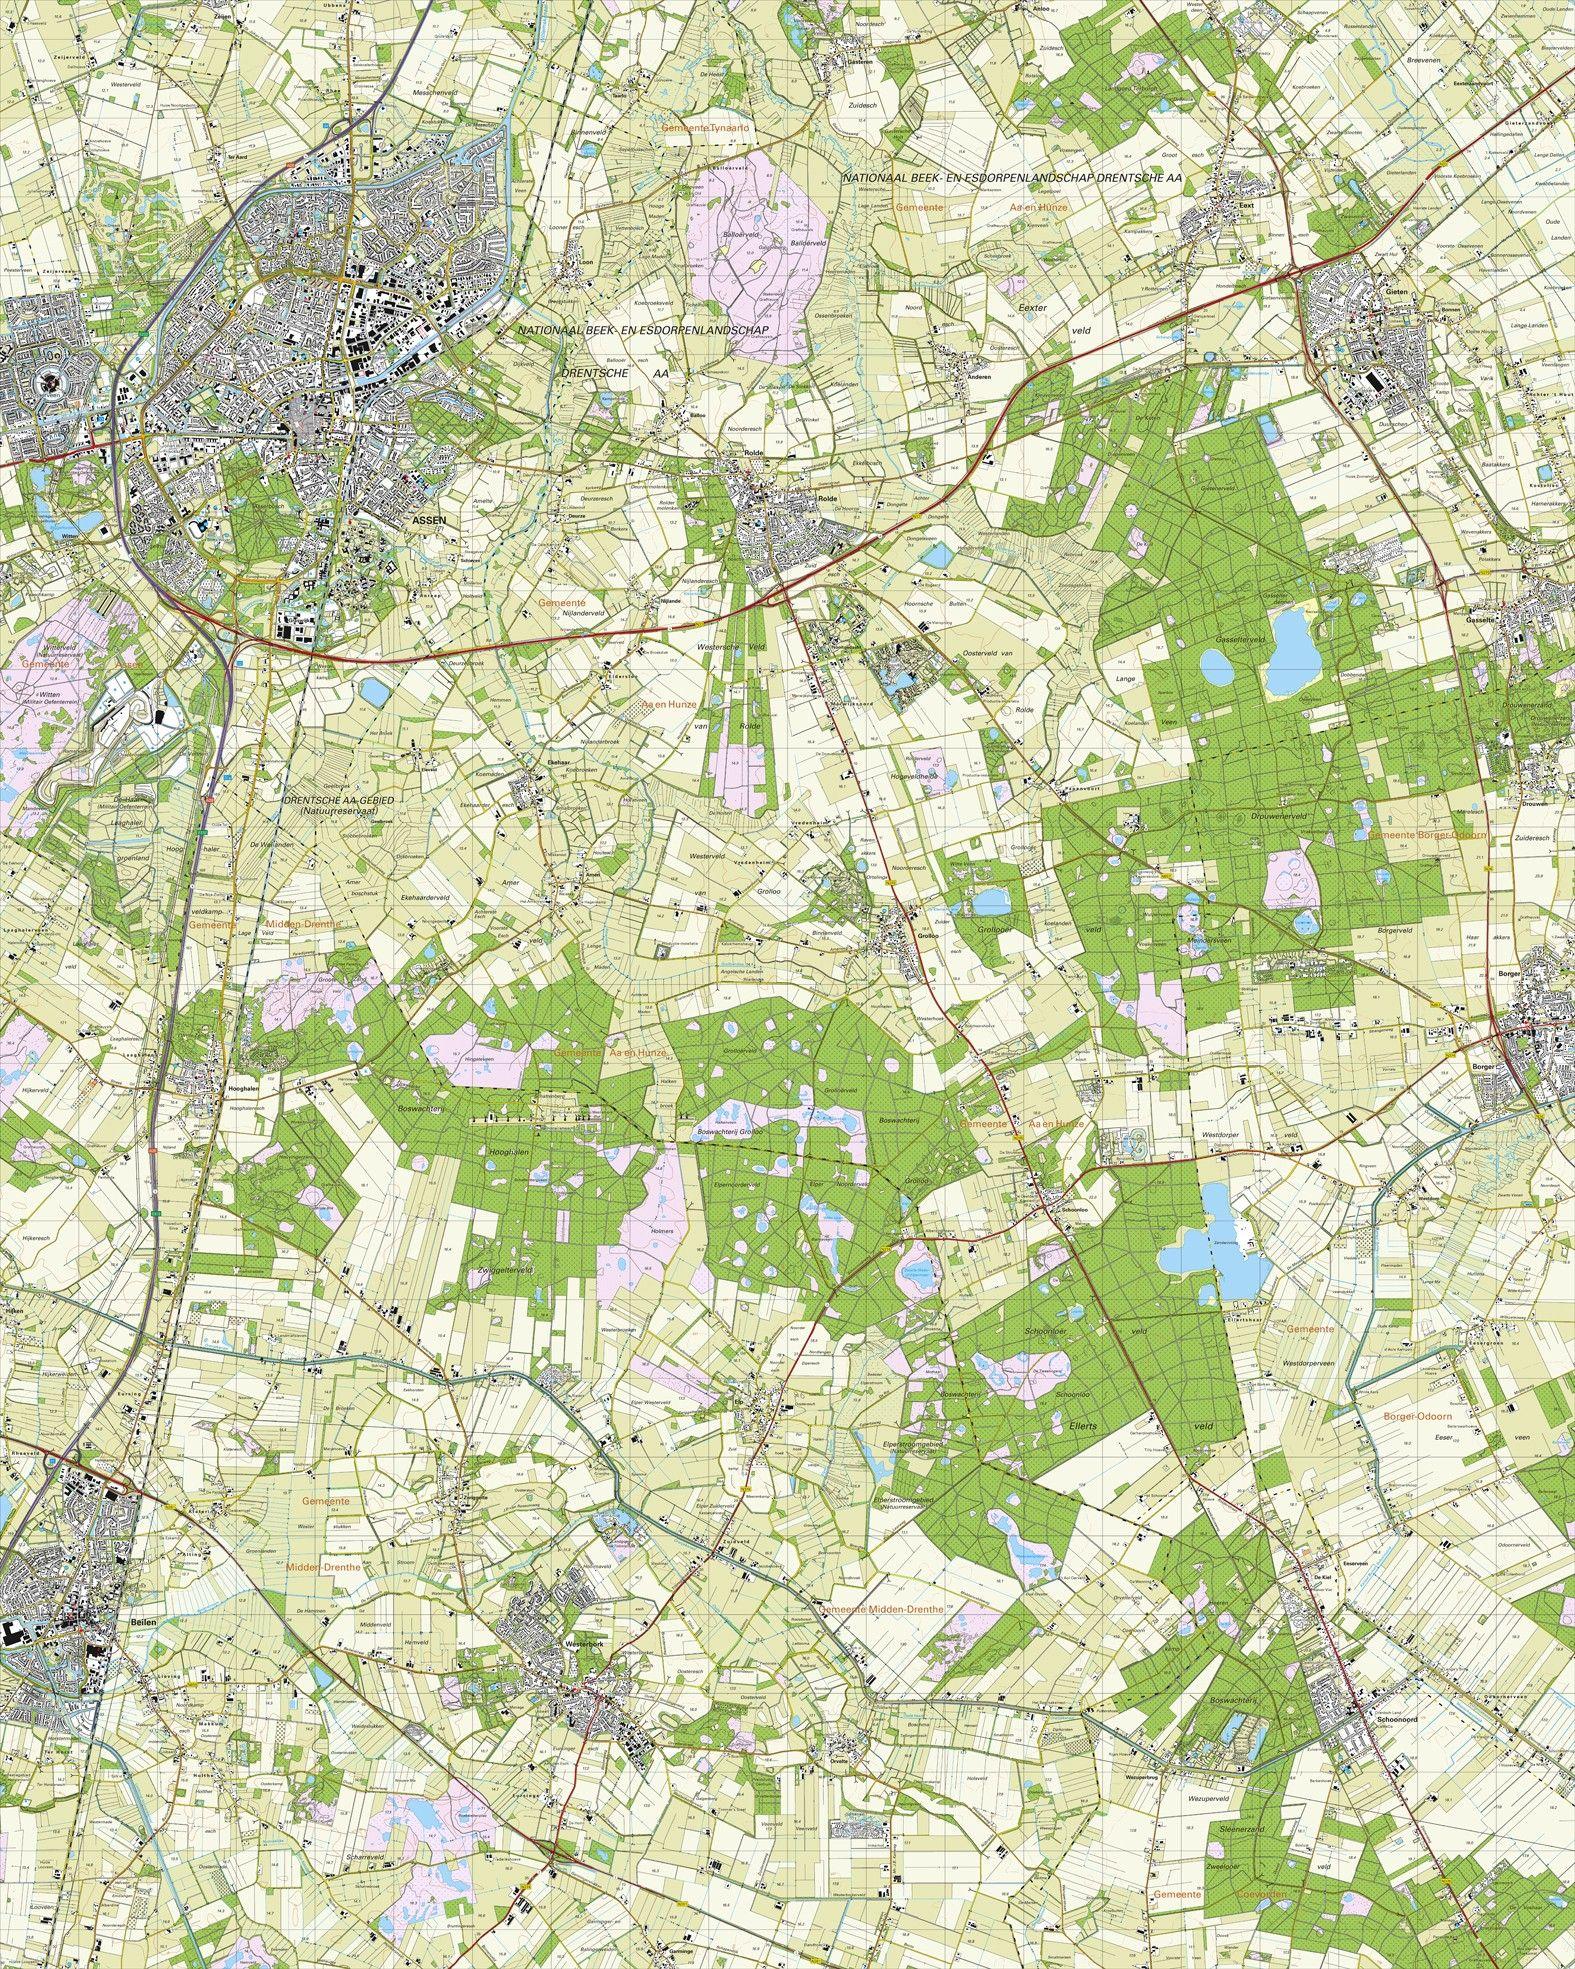 Topografische kaart schaal 1:25.000 (Assen, Rolde, Gieten, Beilen, Westerbork)